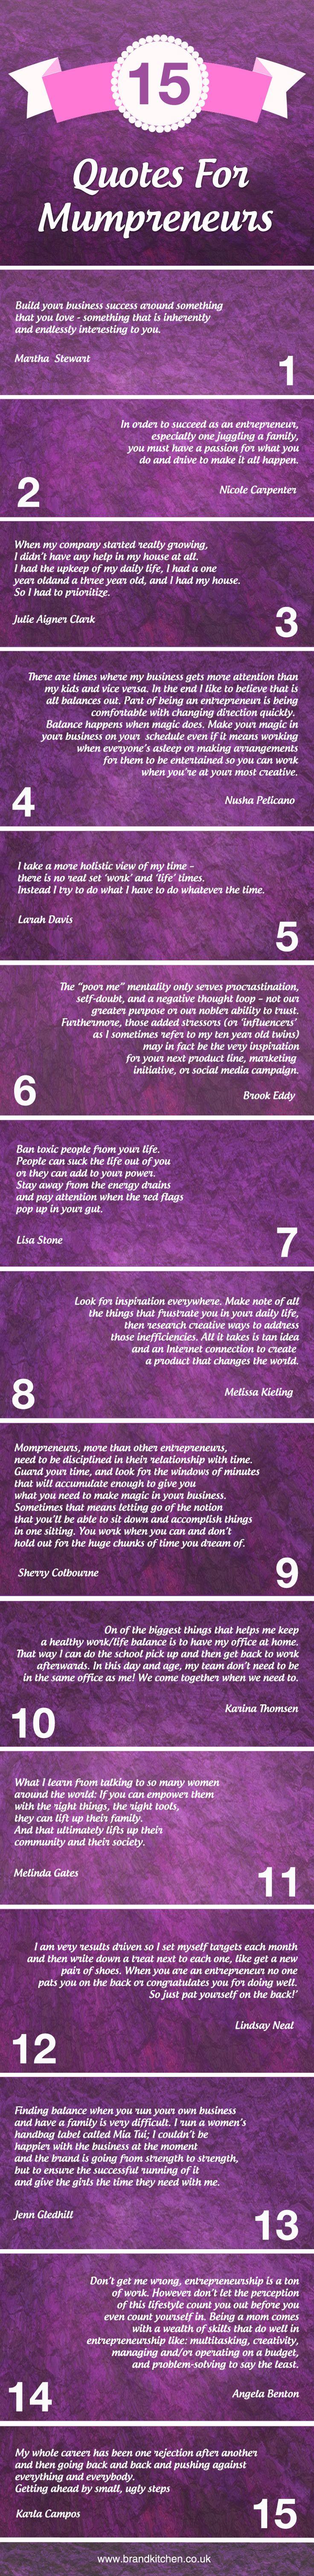 15 Quotes For Mumpreneurs #quotes #infographic #mumpreneurs